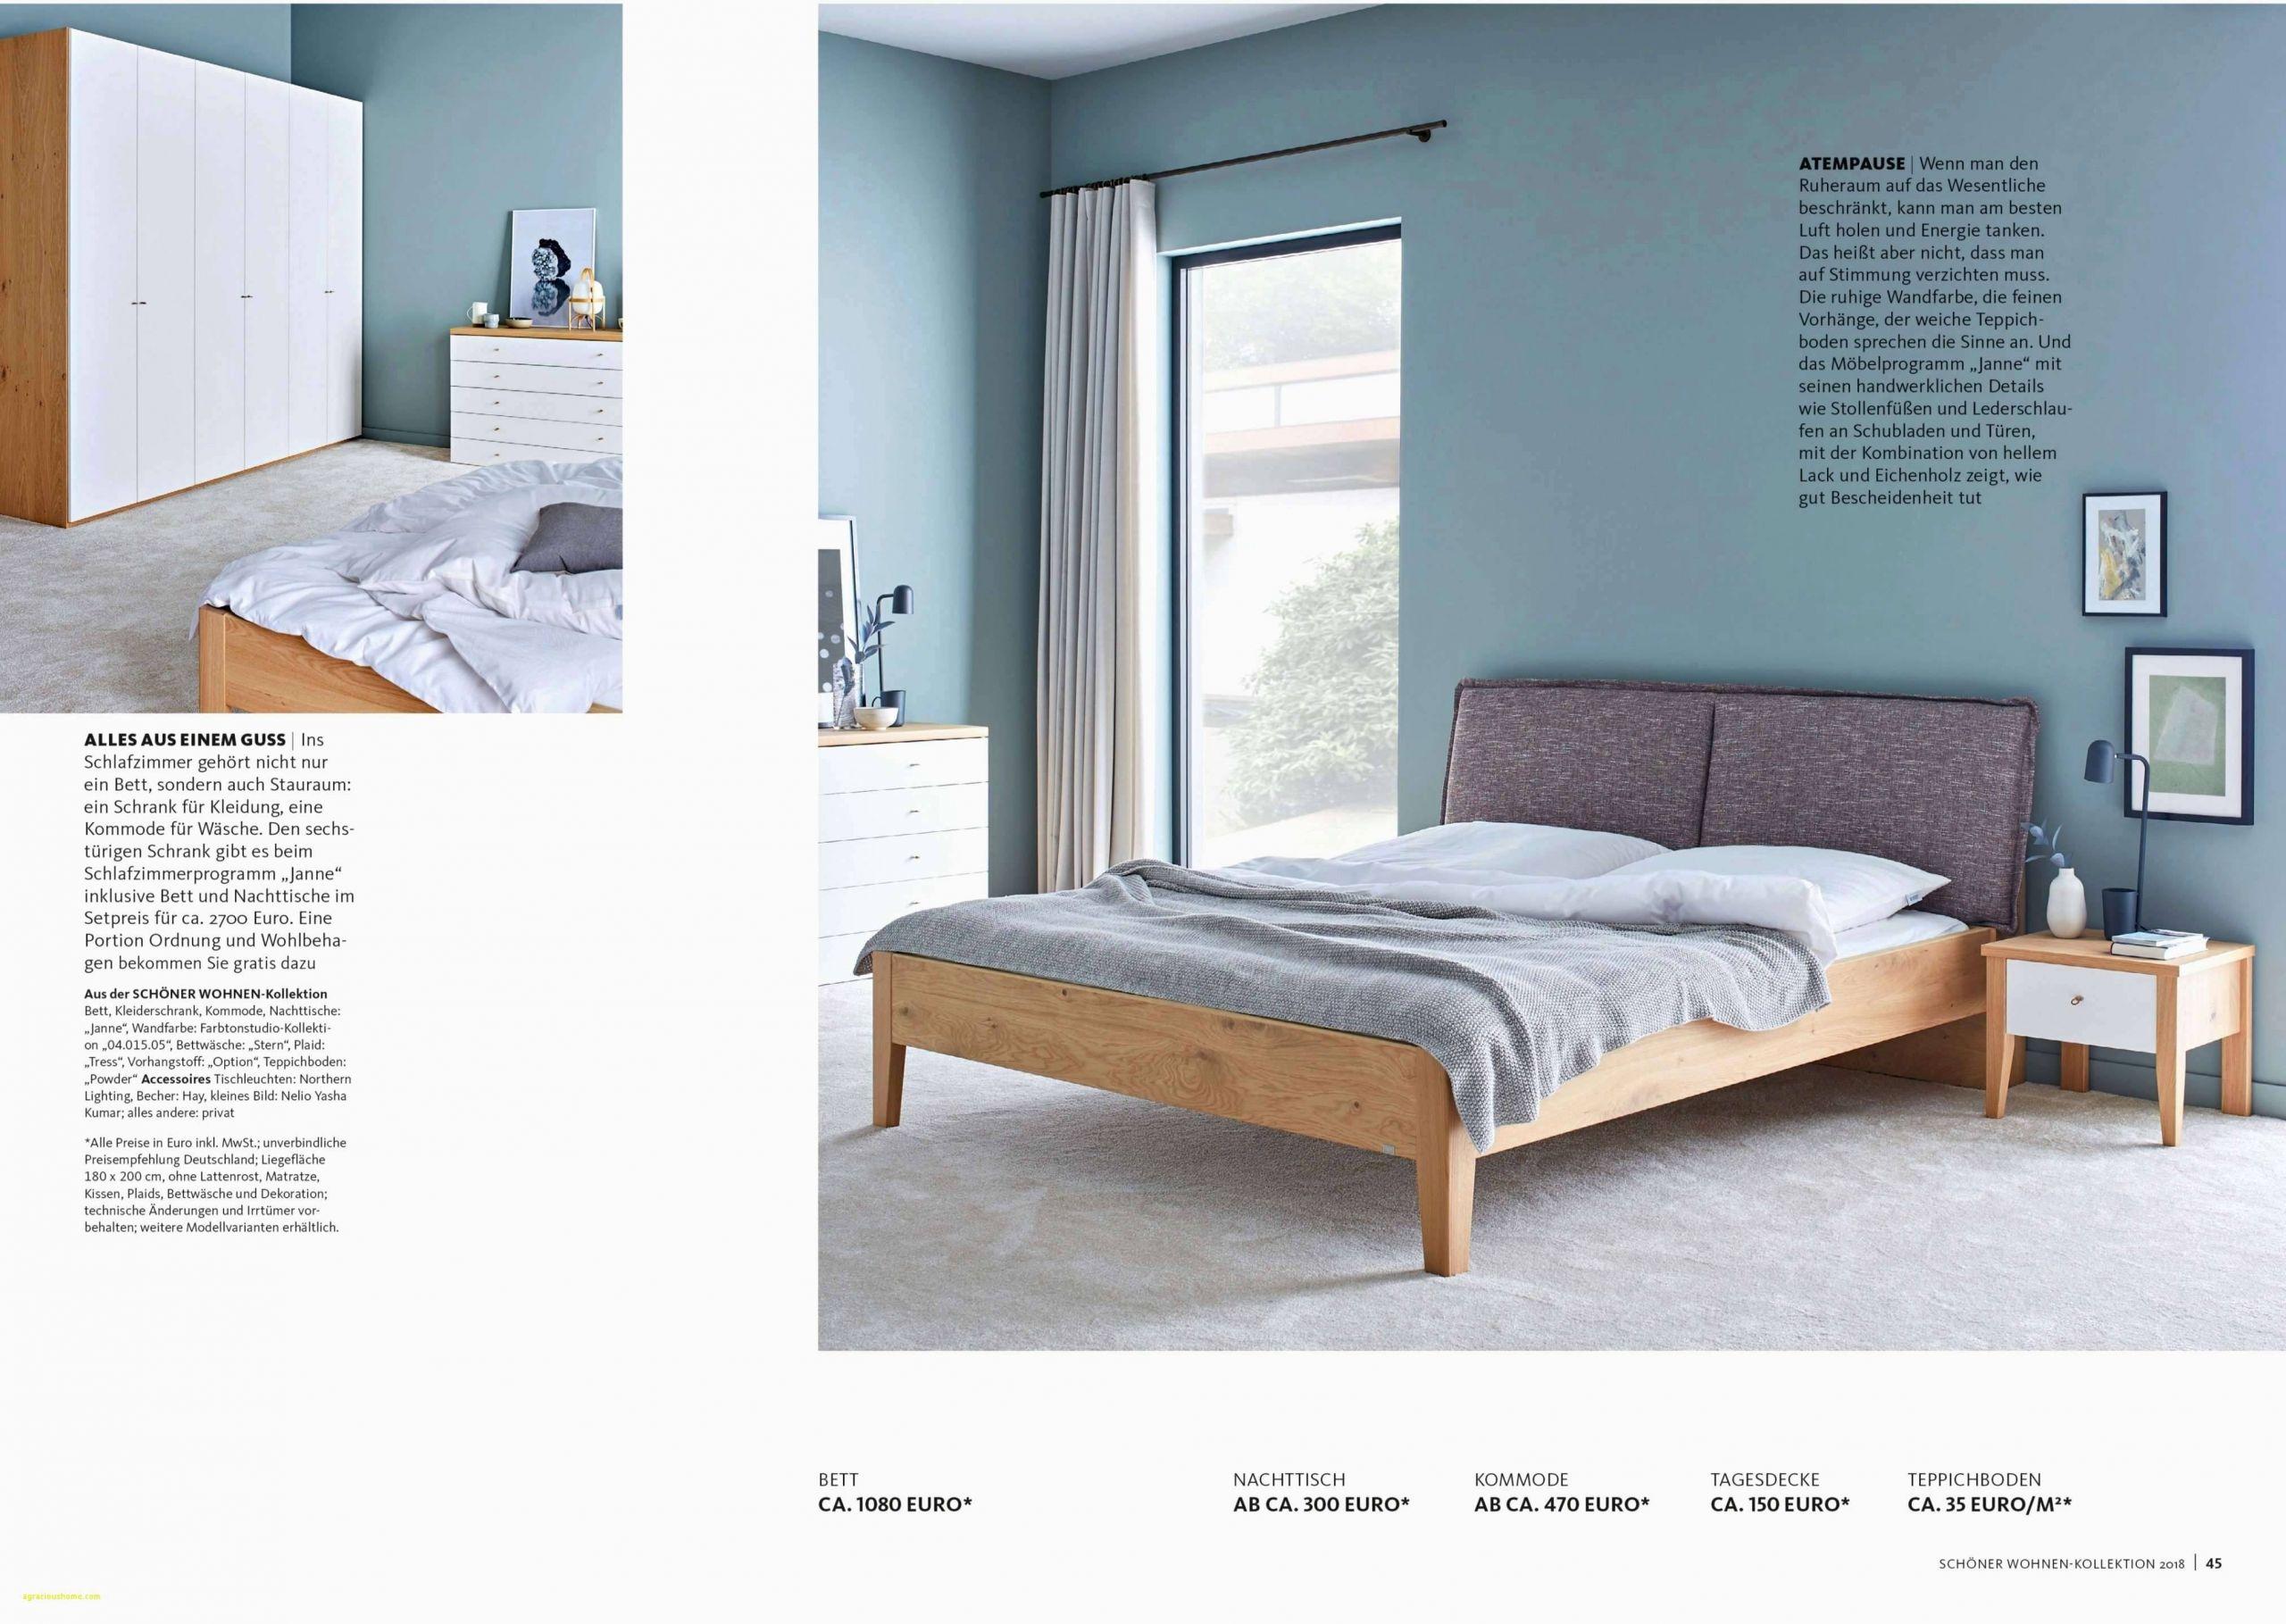 wohnzimmer ideen kernbuche unique wohnwand schwebend 2019 luxus wohnwand design modern epinion of wohnzimmer ideen kernbuche